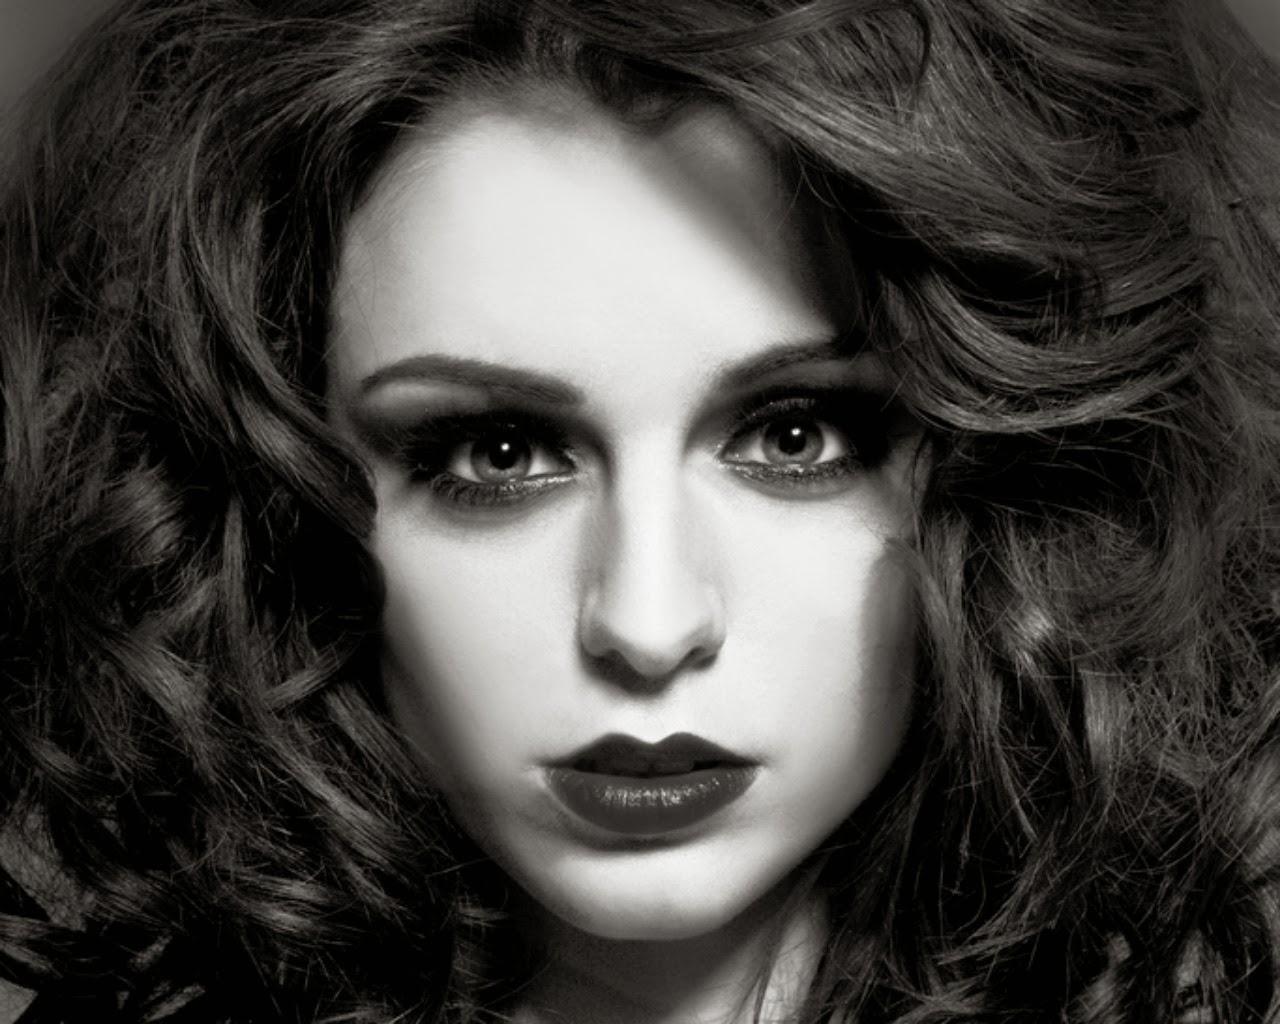 Beautiful Cute Stylish Girl Wallpaper Cher Lloyd 4u Hd Wallpaper All 4u Wallpaper